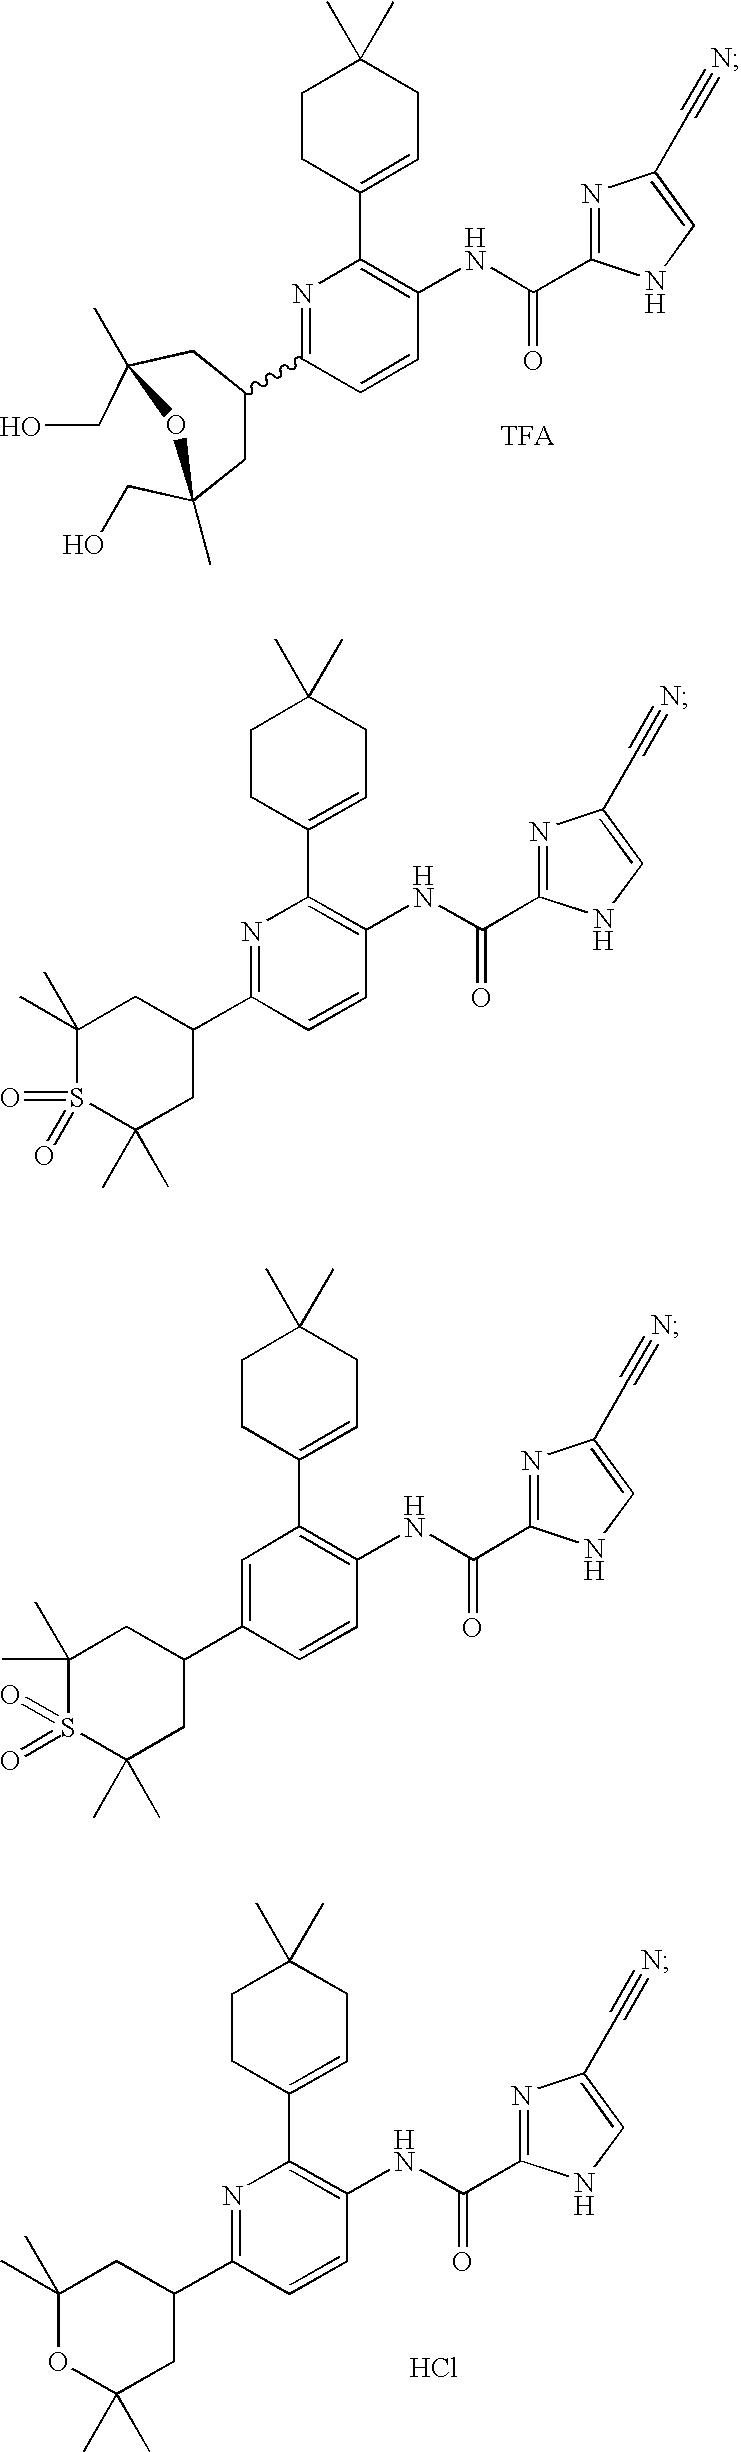 Figure US08497376-20130730-C00185